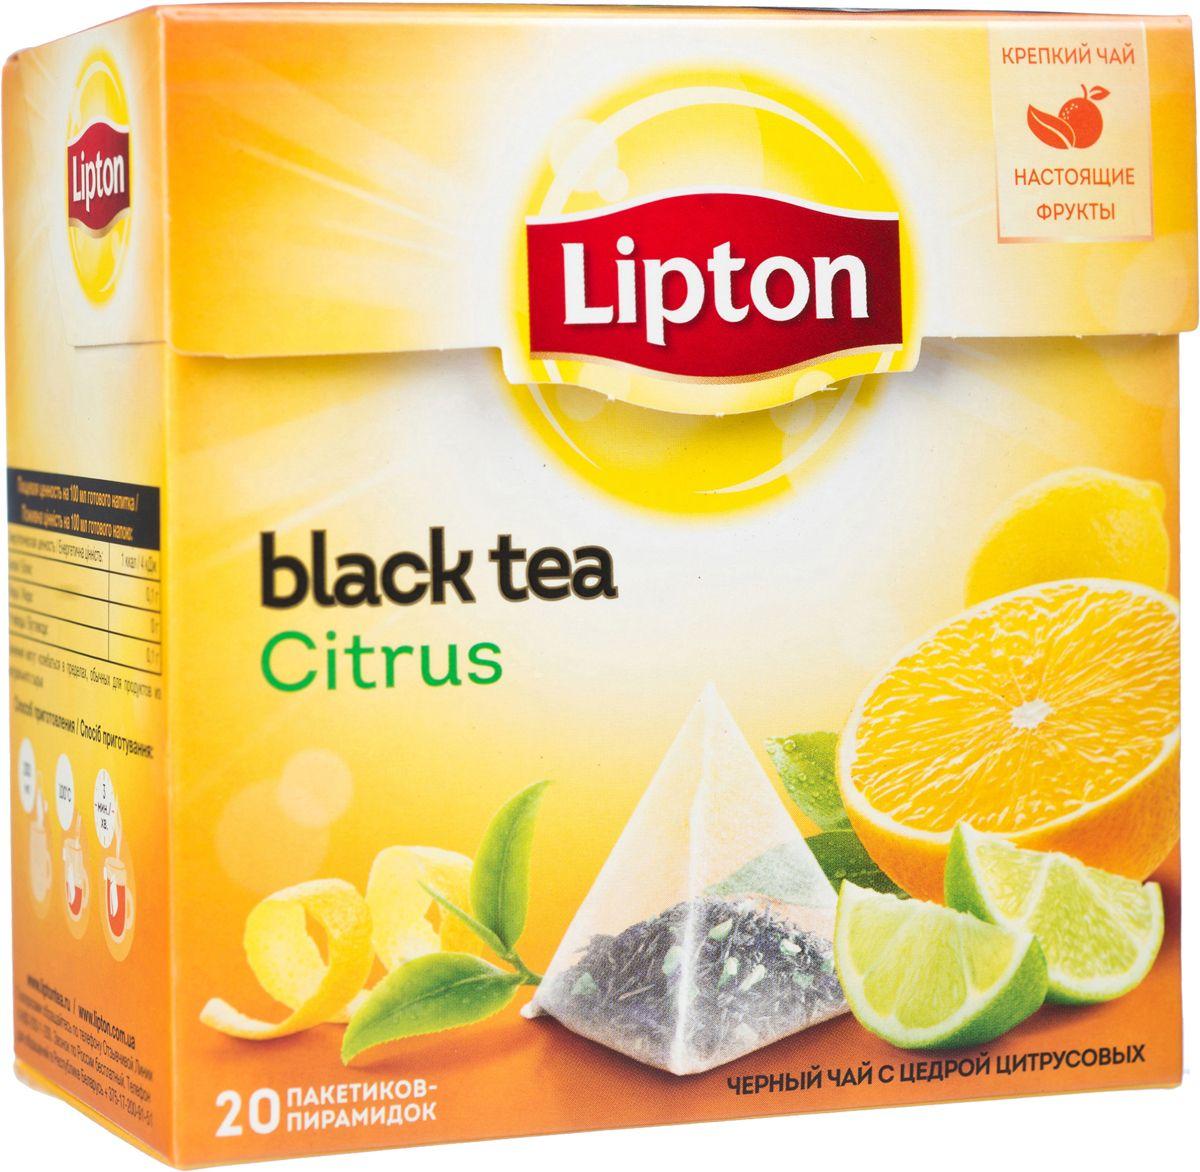 Lipton Черный чай Citrus Tea 20 шт21187919/20206122/21187919Цедра апельсина, лимона, грейпфрута и лайма в сочетании с отборными чайными листочками мгновенно заряжает энергией и позитивом, рождая необыкновенно свежий и бодрящий вкус, который полностью раскрывается благодаря свободному пространству внутри пирамидки чая Lipton Citrus. Насыщенный цитрусовый коктейль помогает ощутить вкус жизни!